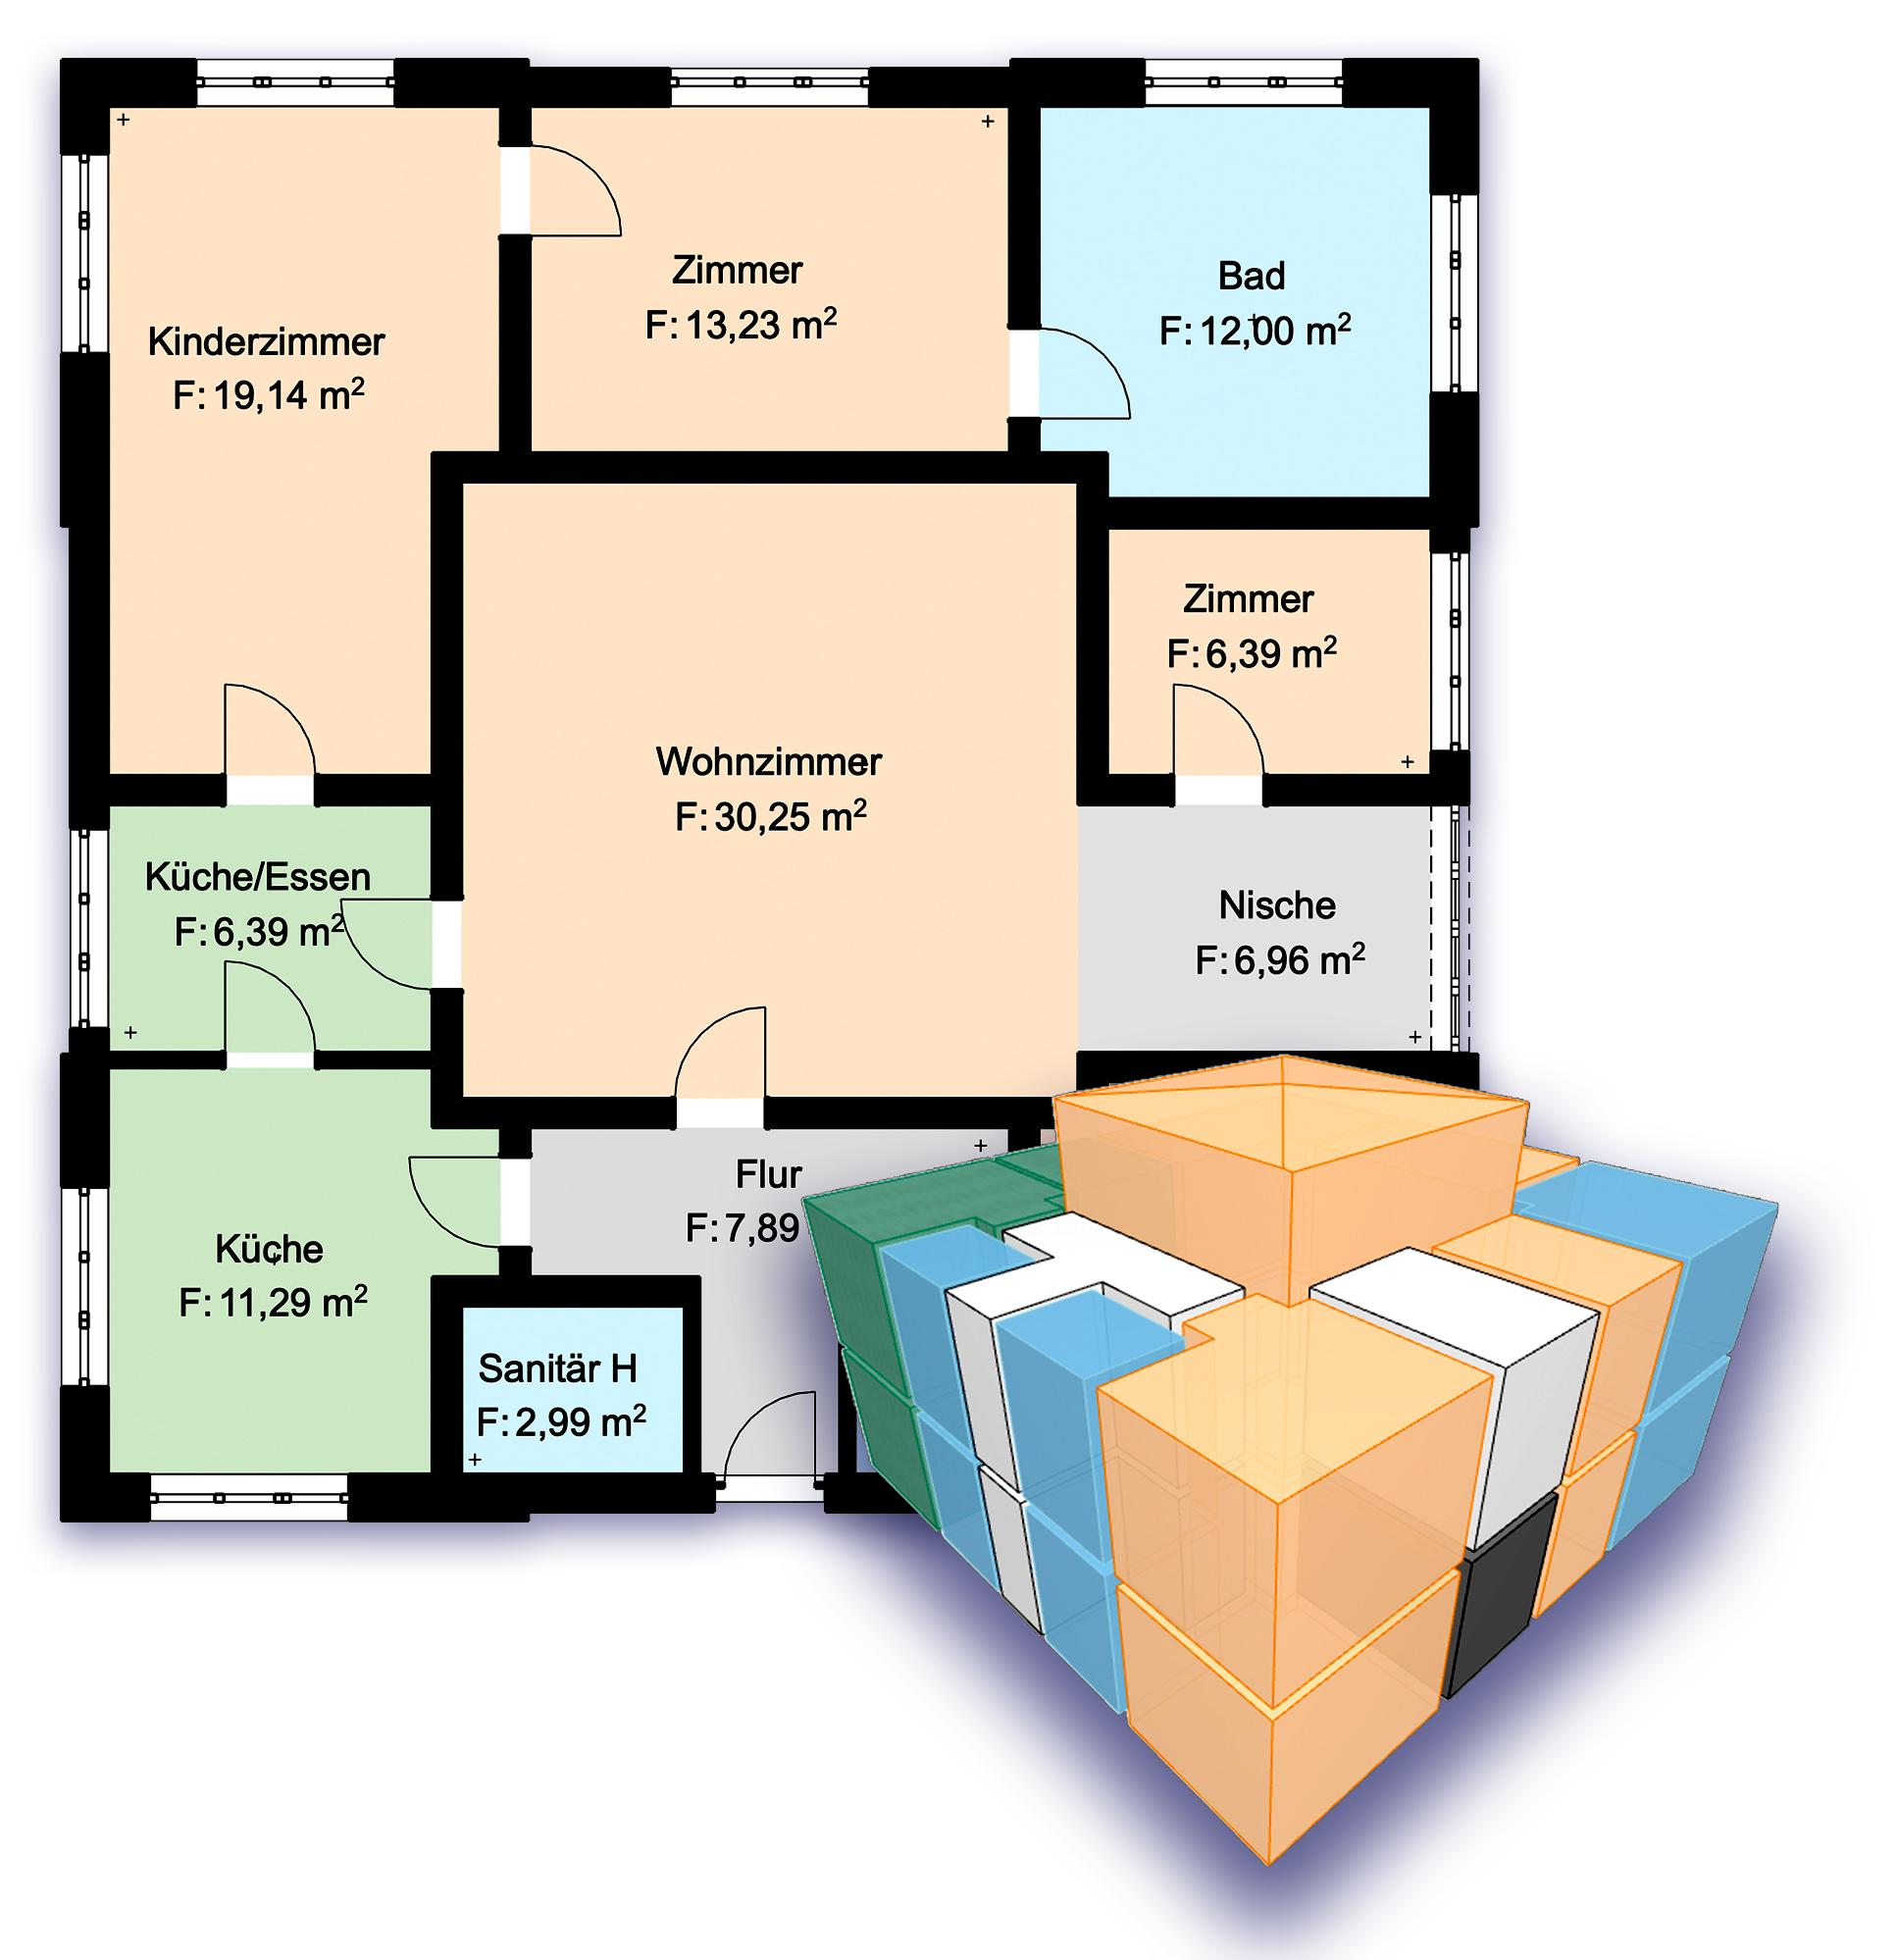 Räume farblich kennzeichnen